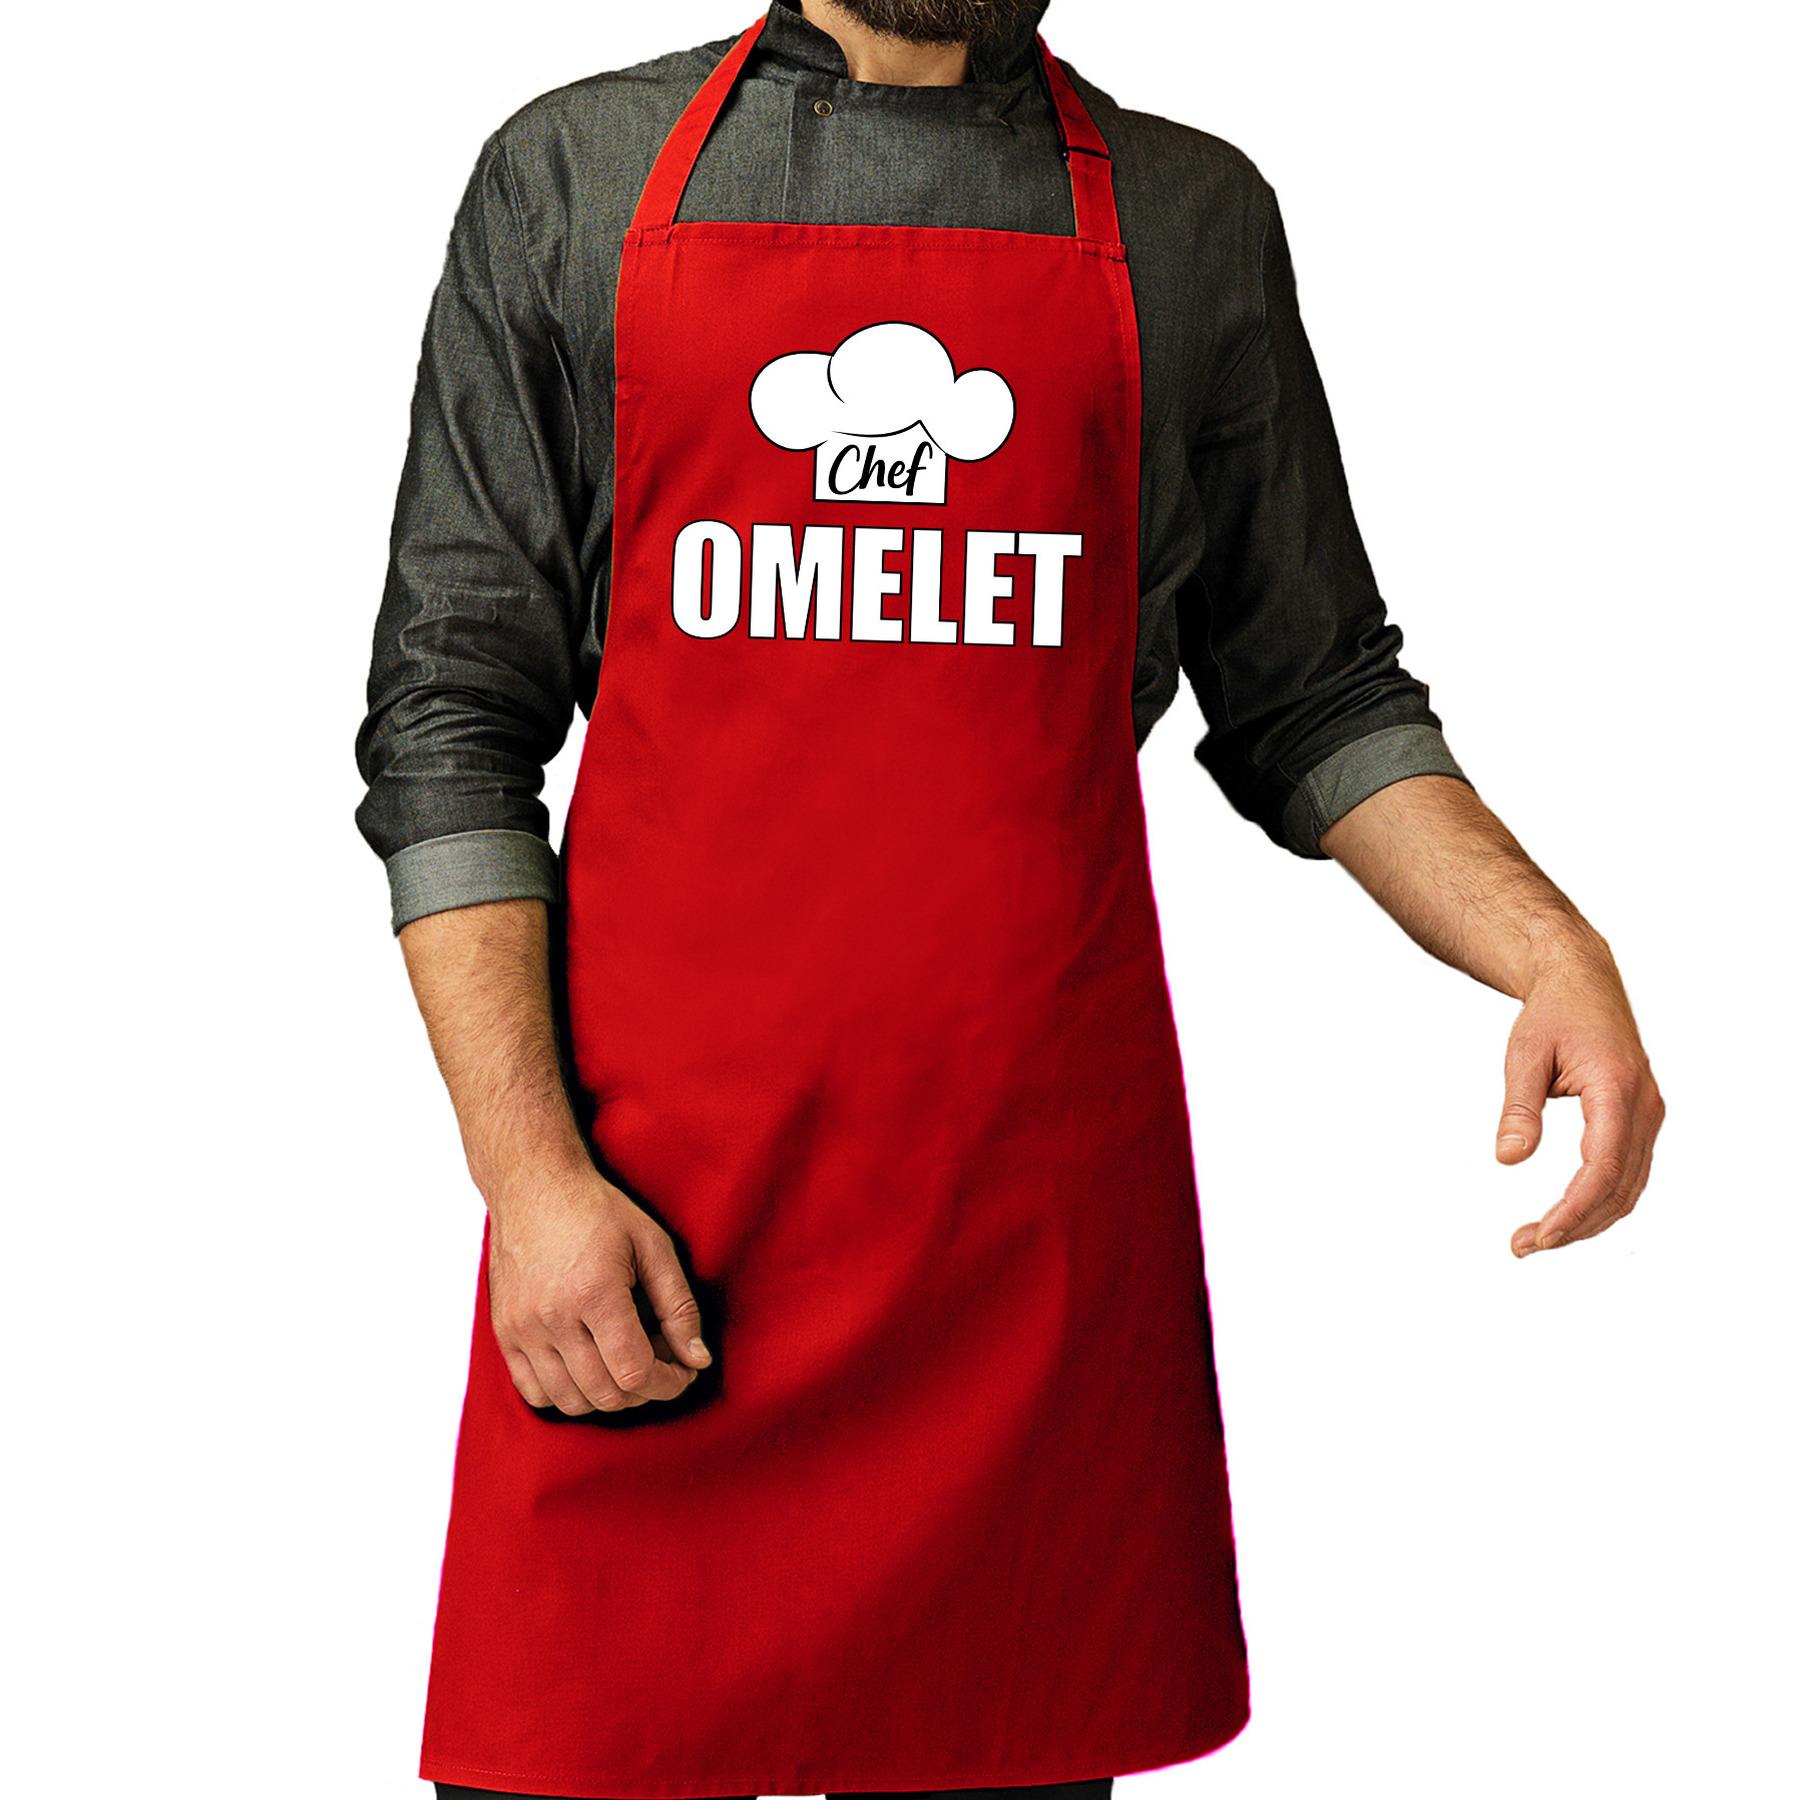 Chef omelet schort - keukenschort rood heren